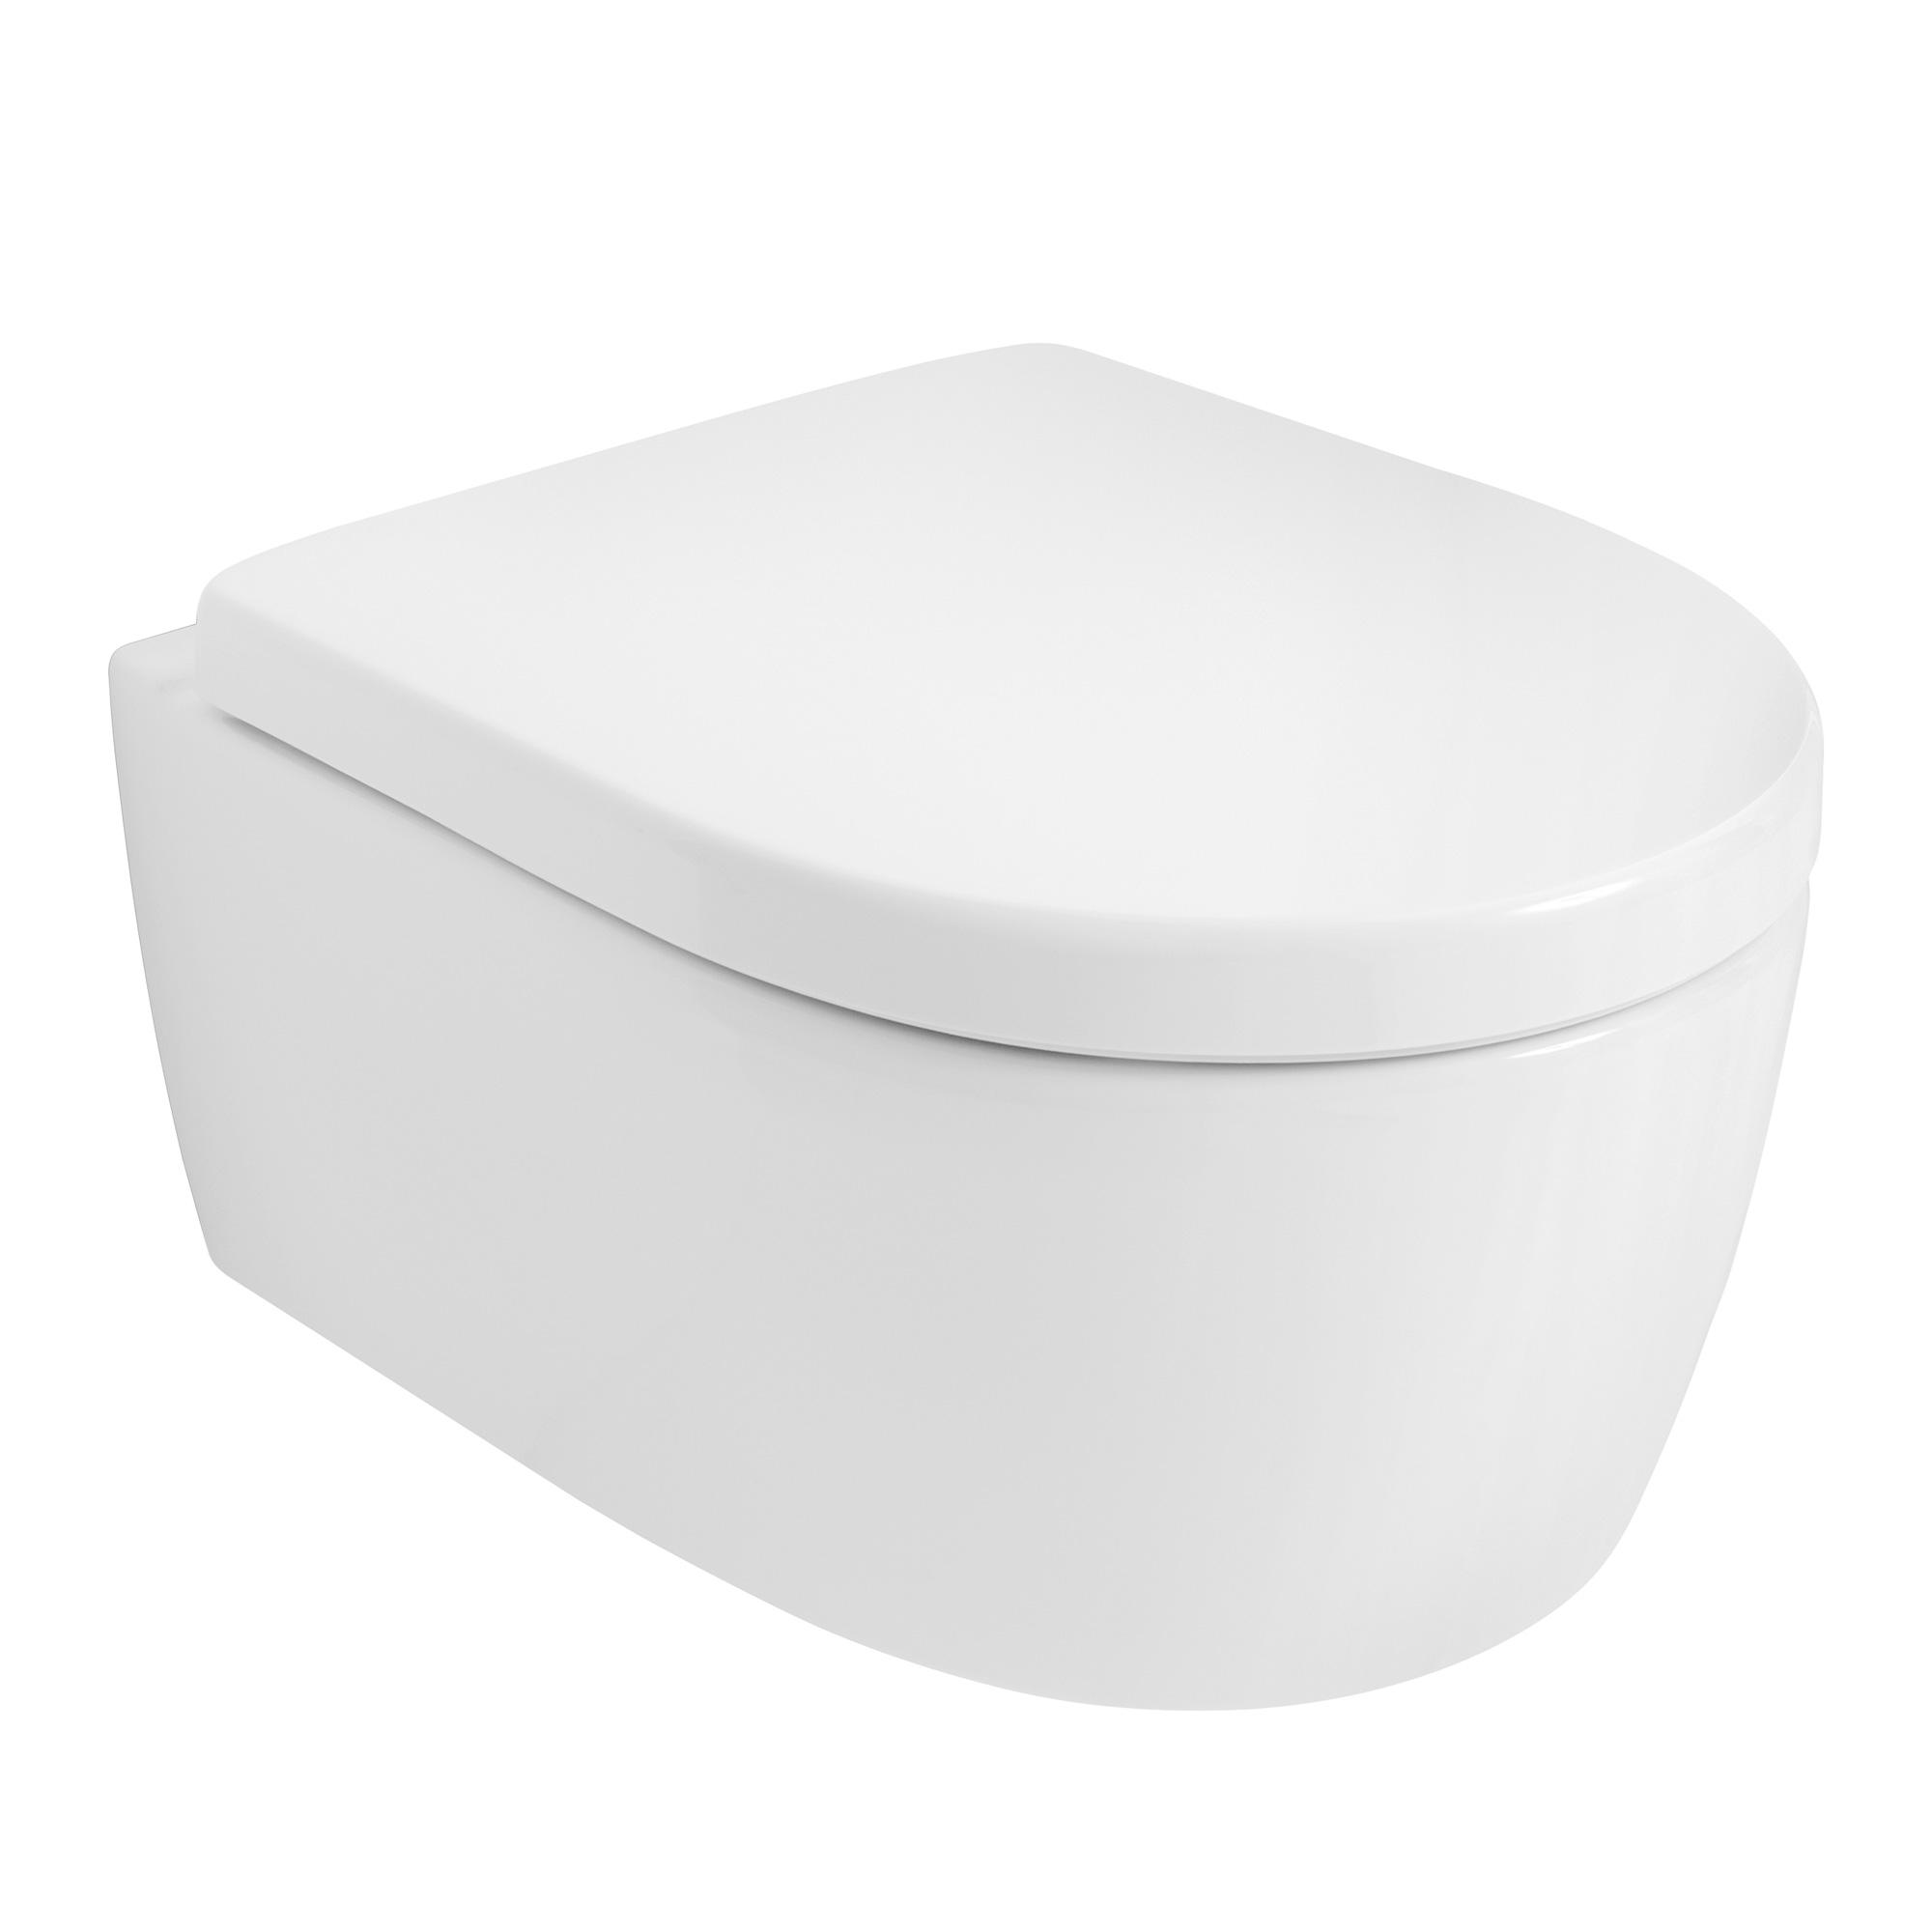 keramag icon wc sitz mit deckel nach din 19516 ohne absenkautomatik 574120000 reuter onlineshop. Black Bedroom Furniture Sets. Home Design Ideas